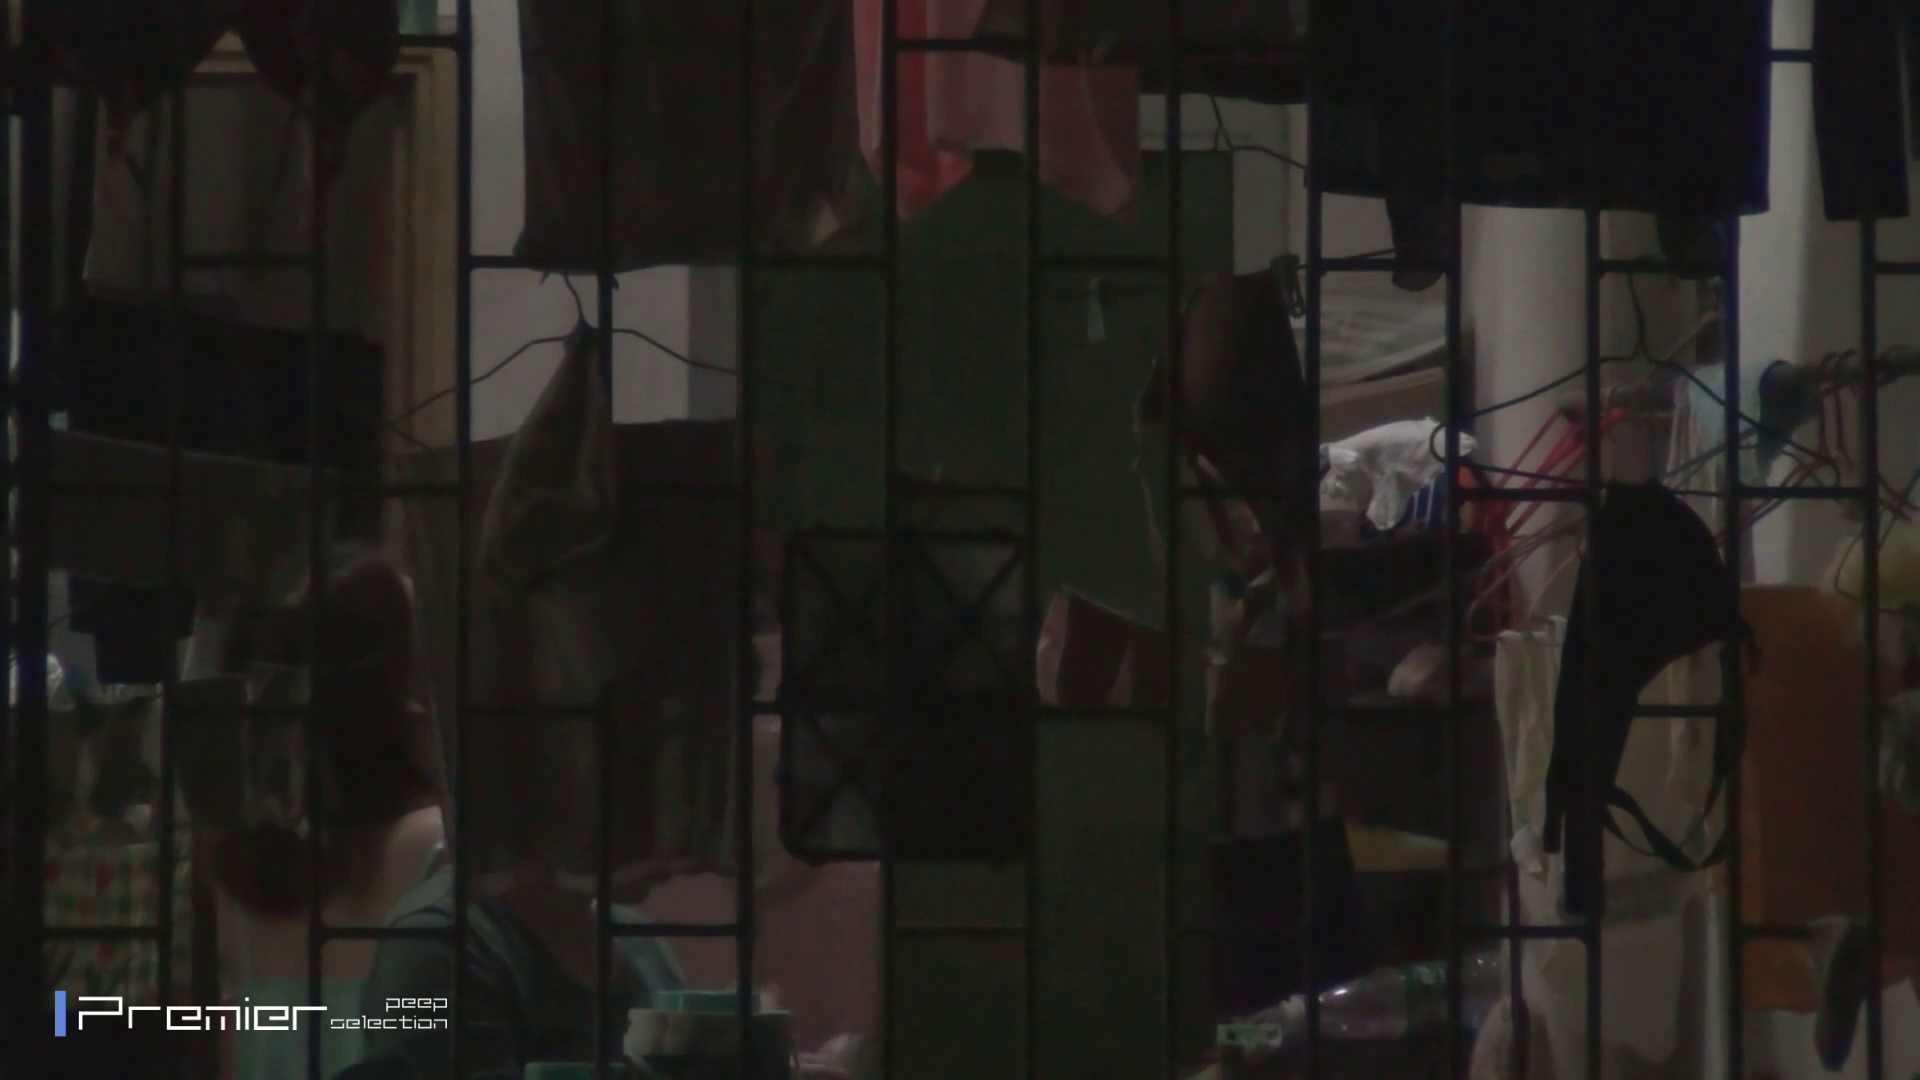 美女の痴態に密着!洗濯物を干す女 Vol.07 民家 すけべAV動画紹介 98画像 52